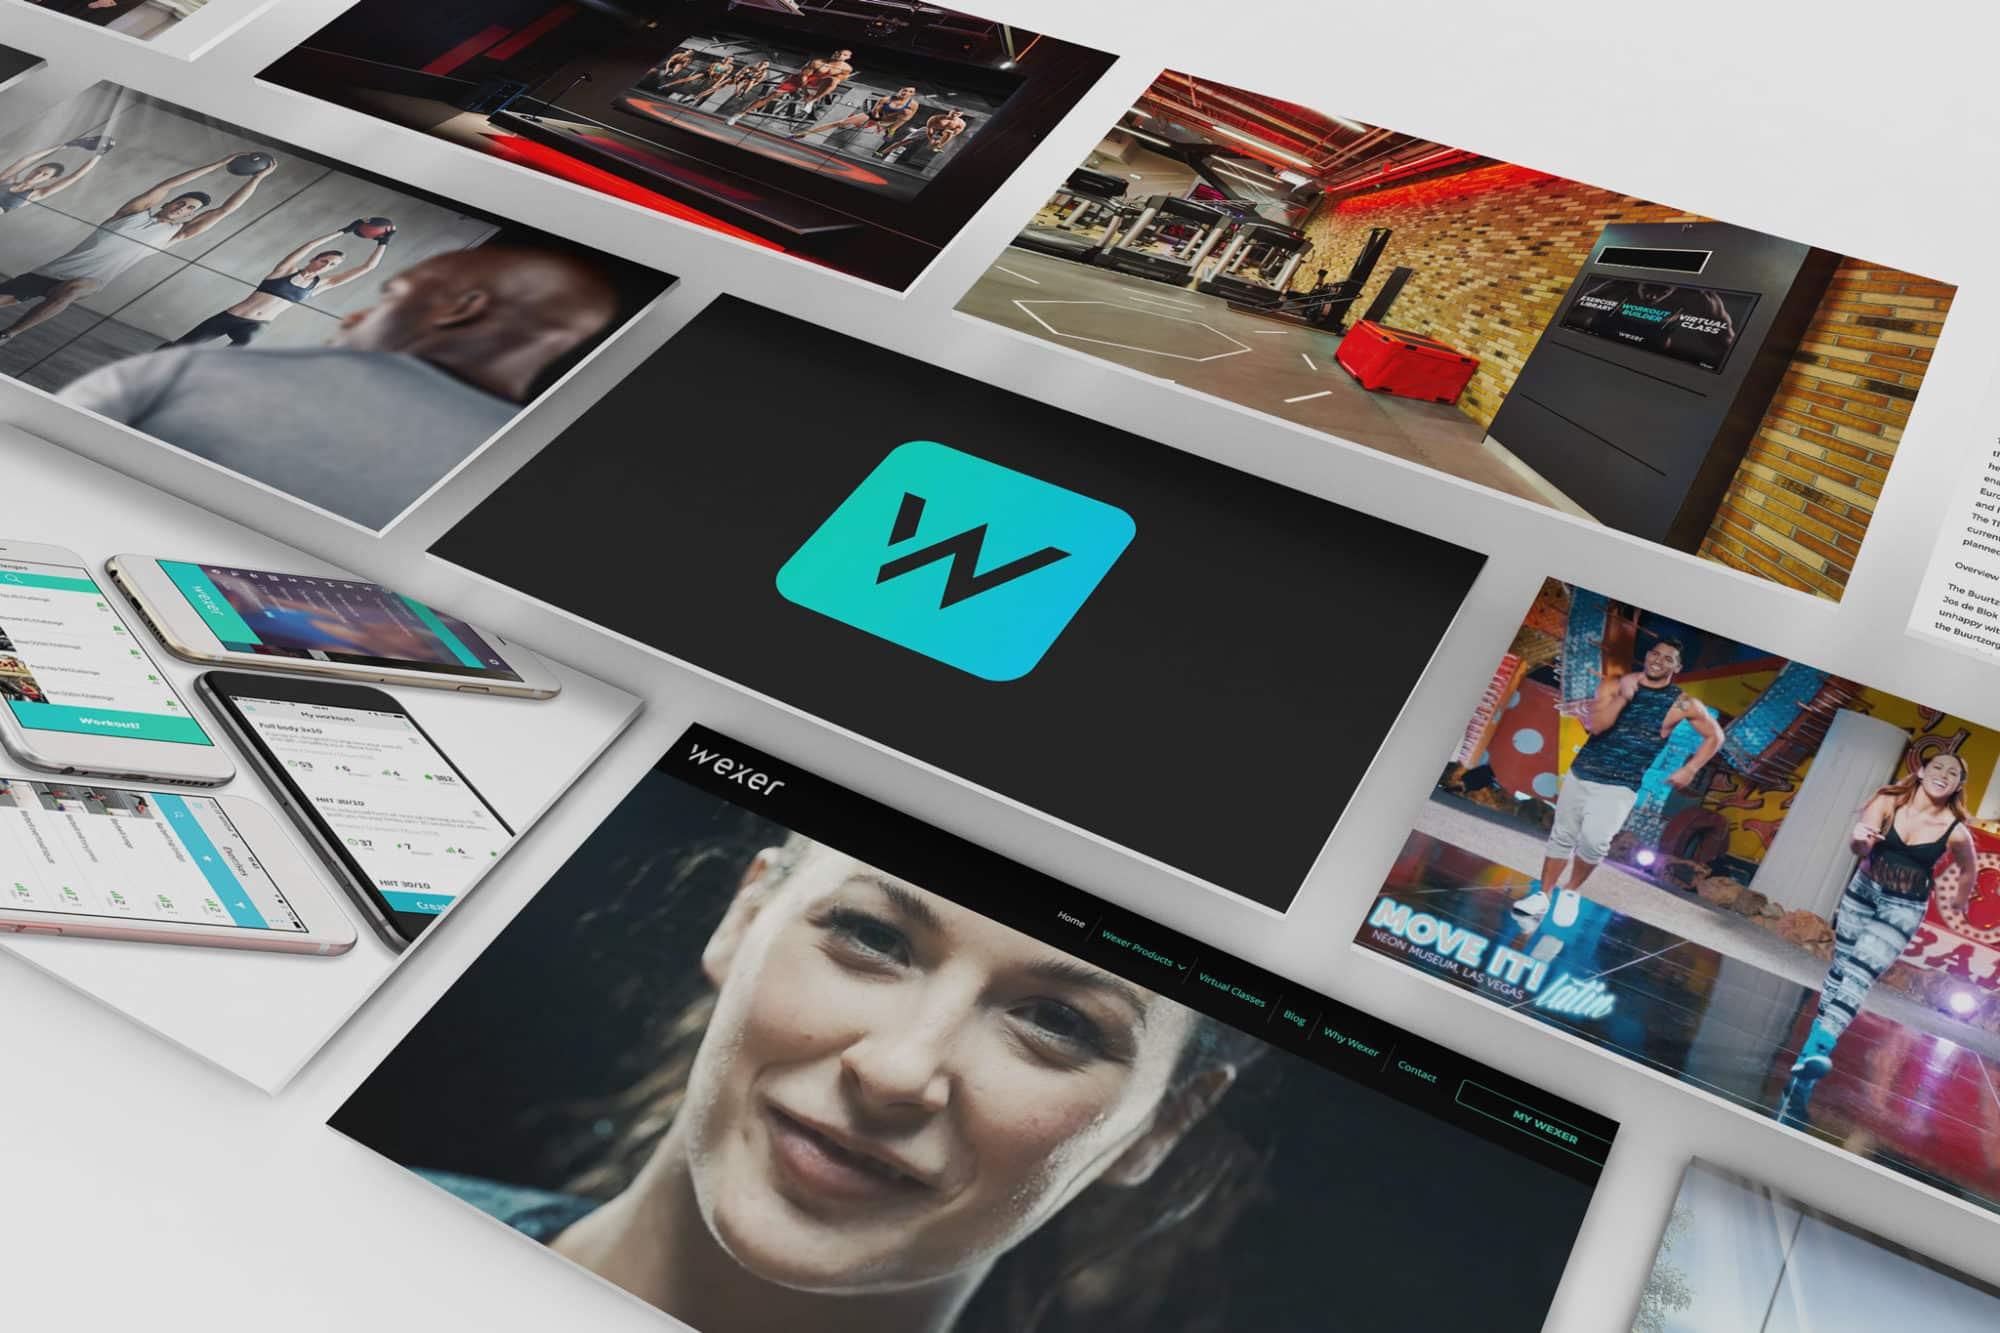 Wexer branding